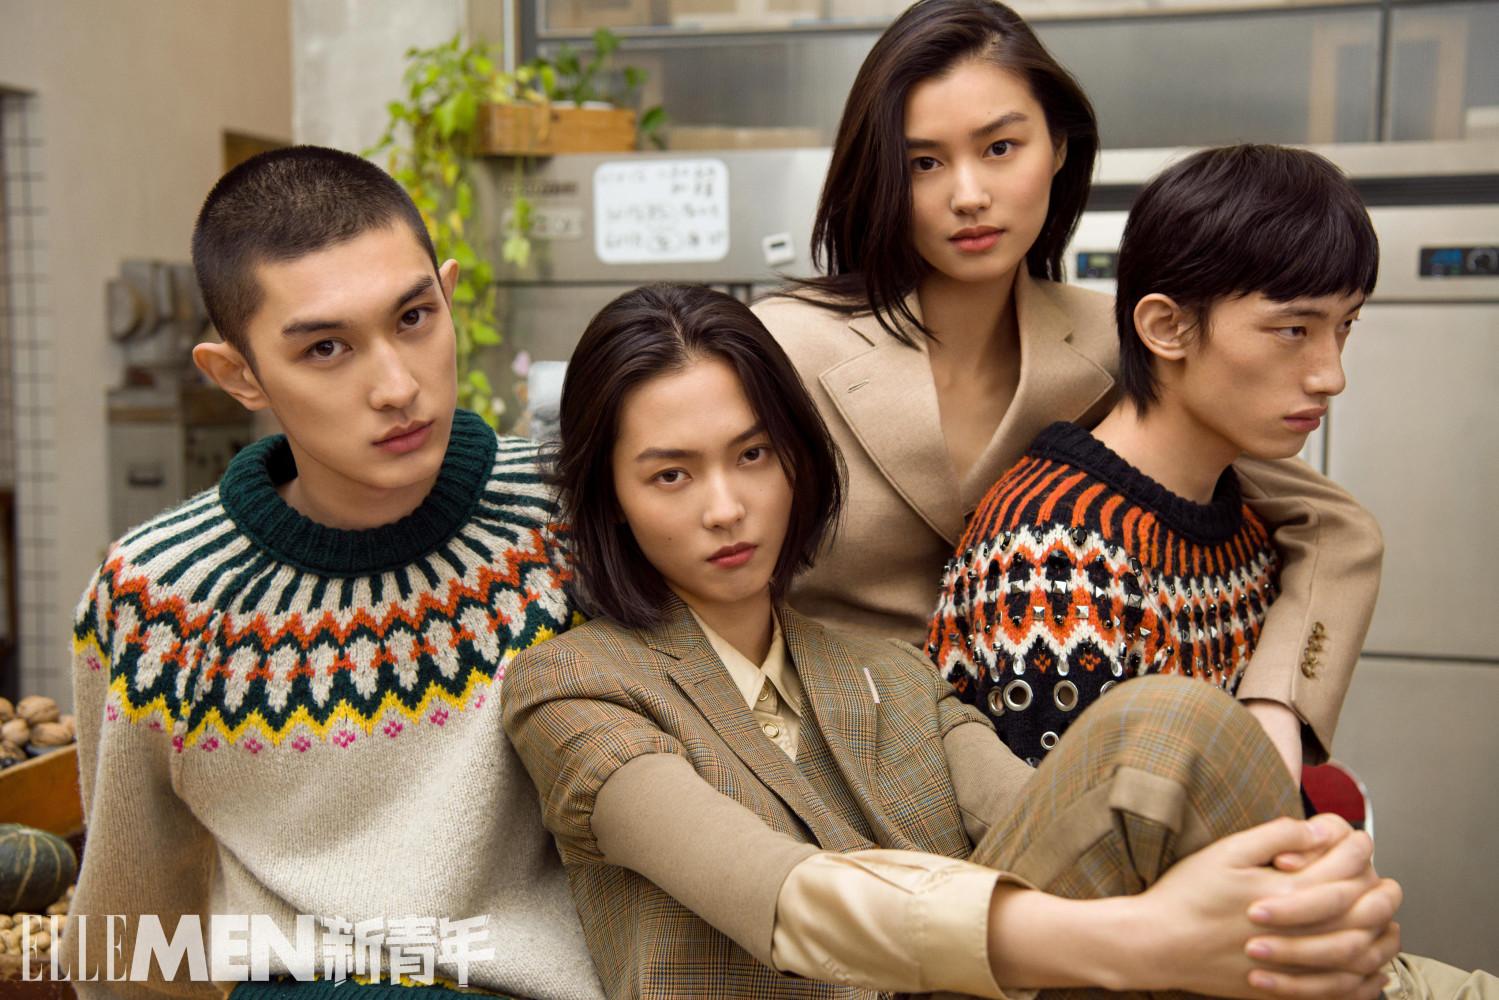 NI HAORAN COVERS ELLE MEN CHINA